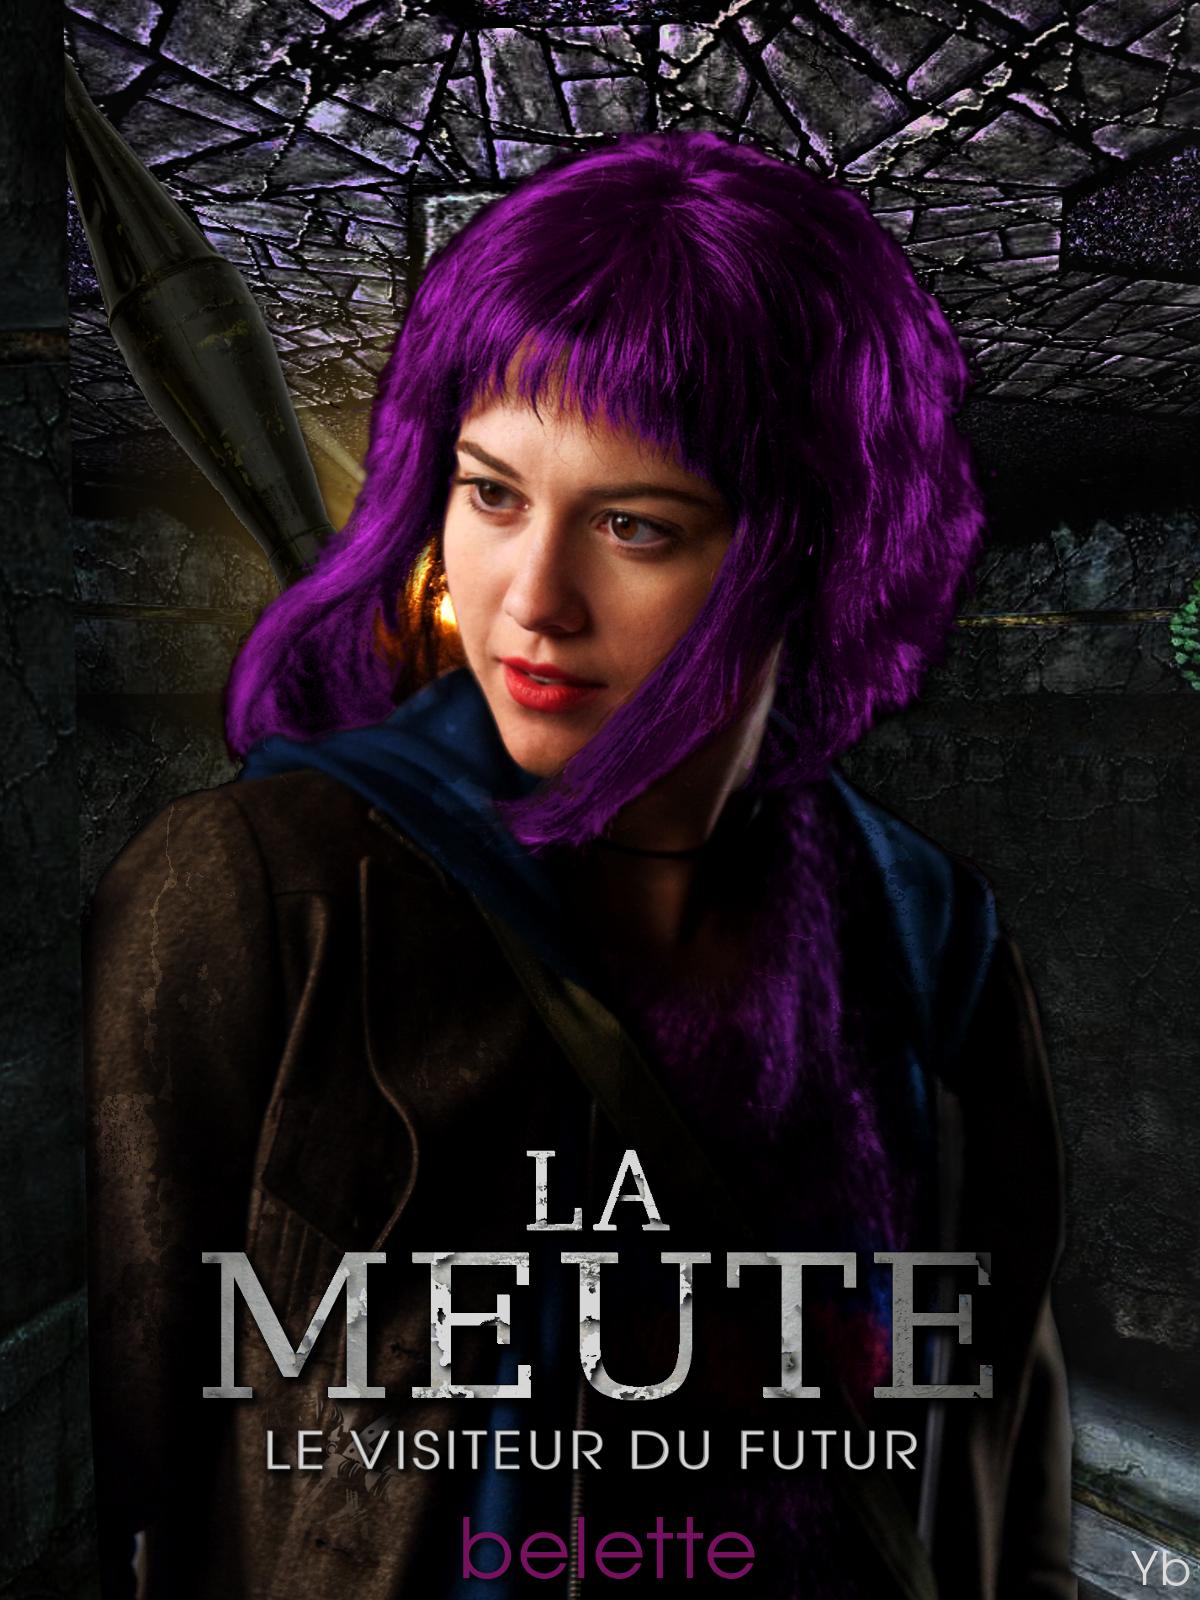 La Gazette de Néo-Versailles : Concours de Fan-art La Meute  (N°9 - Février 2015) 01_Belette06